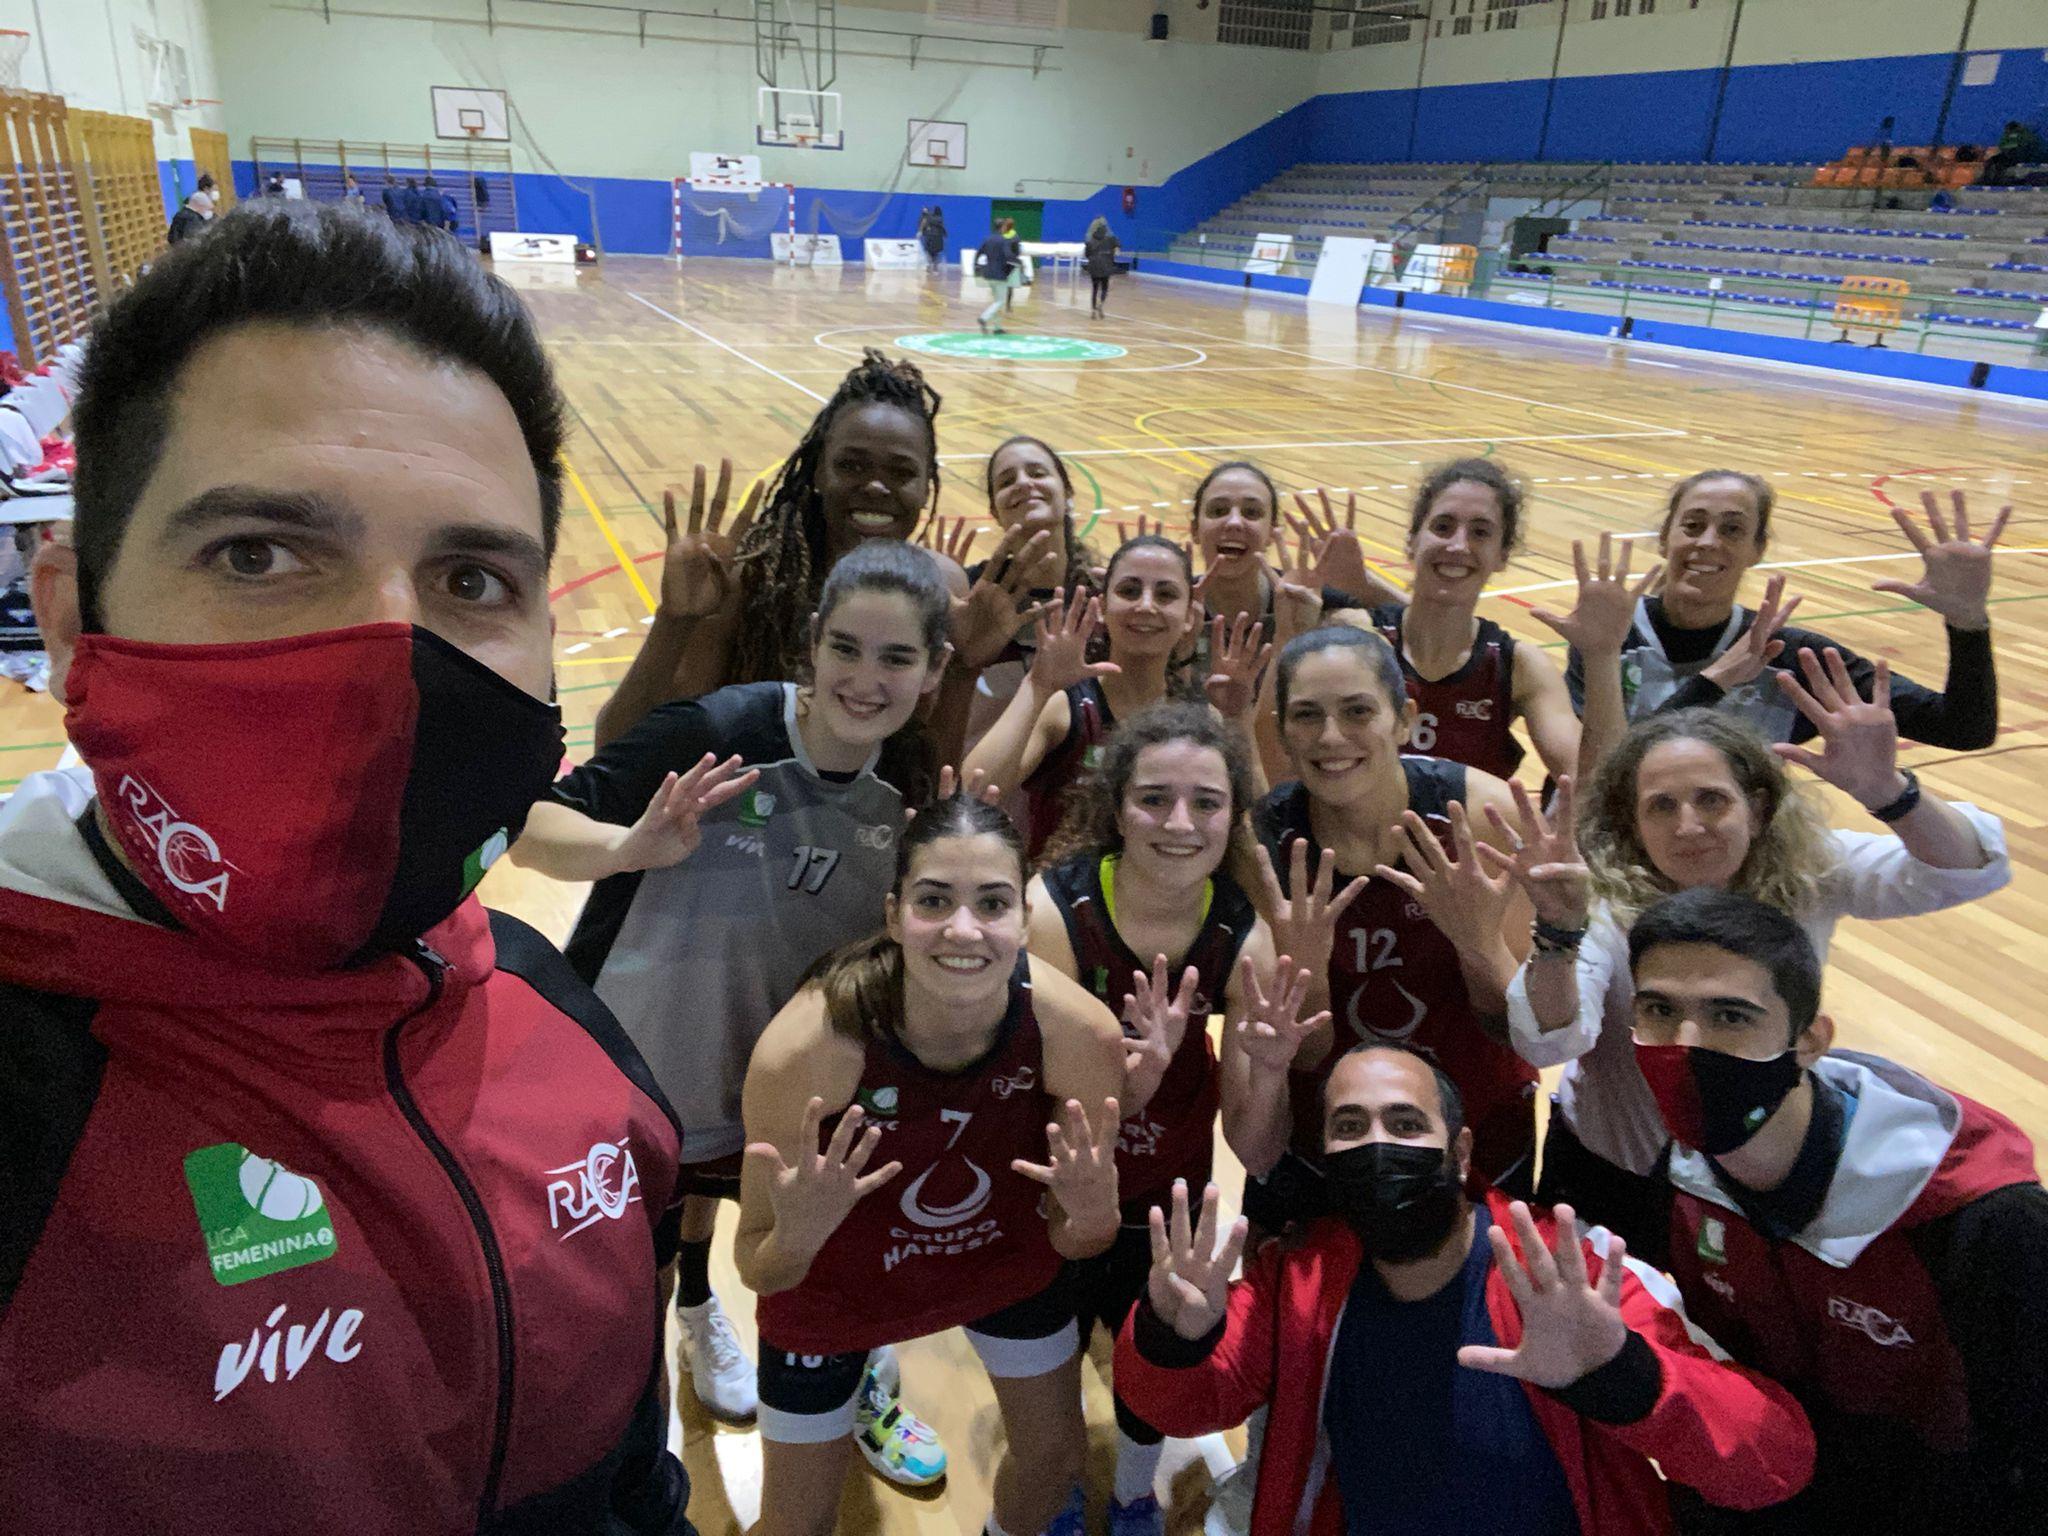 El Grupo Hafesa Granada rompe su mala racha tras vencer al Fustecma Nou Básquet por 62 a 73